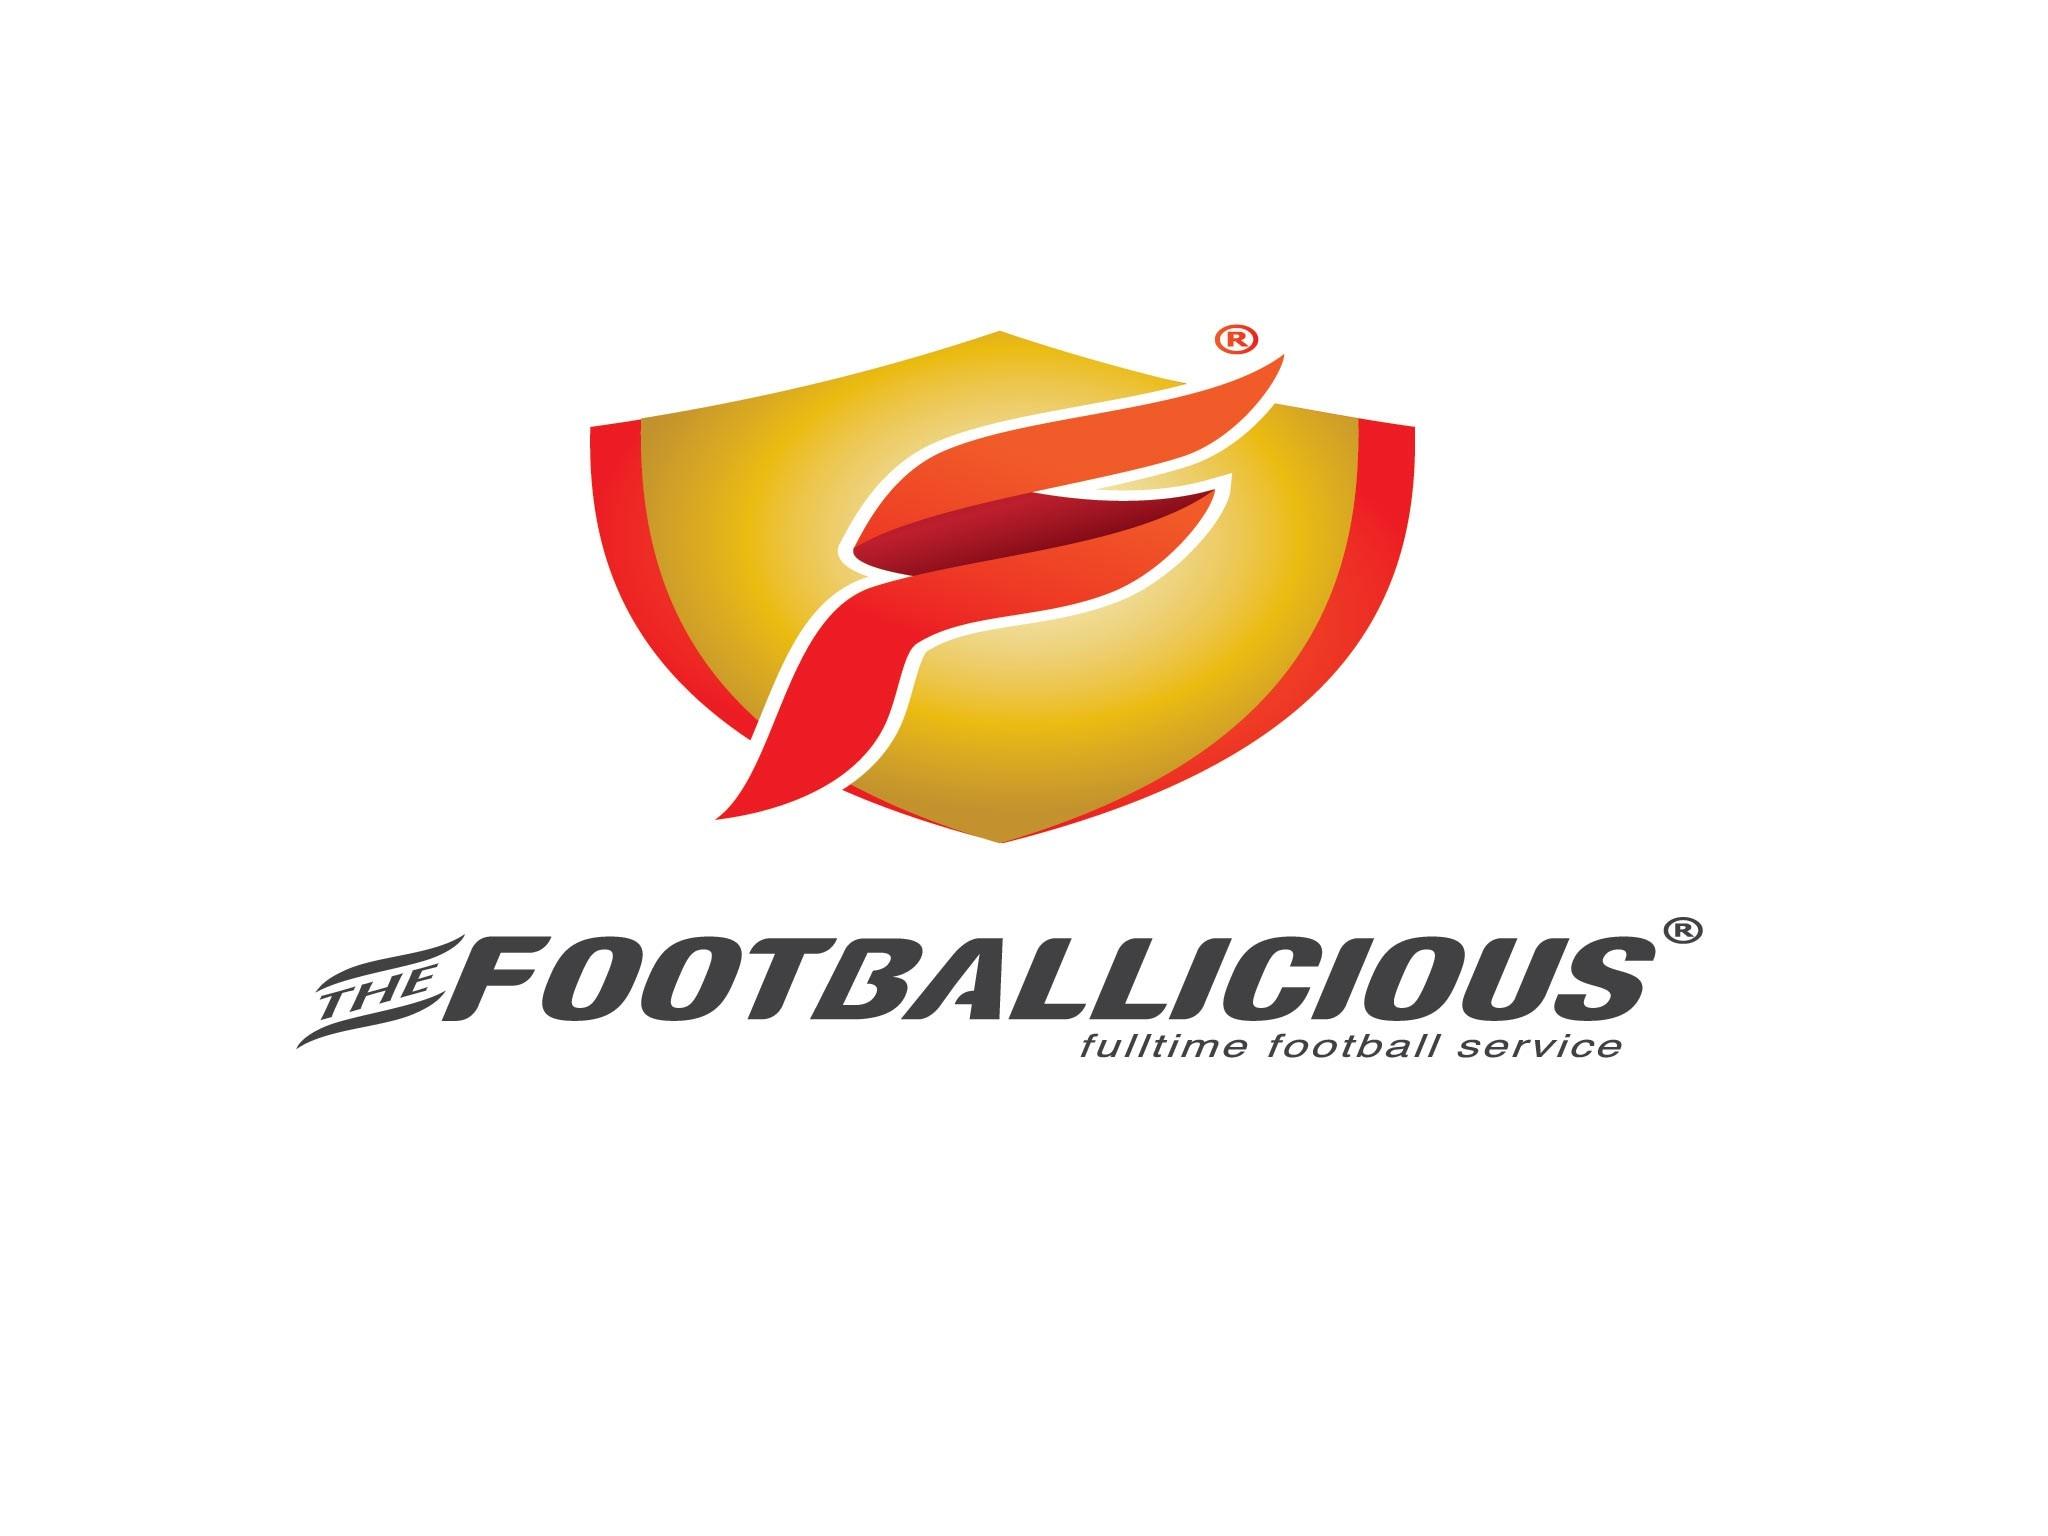 Footballicious